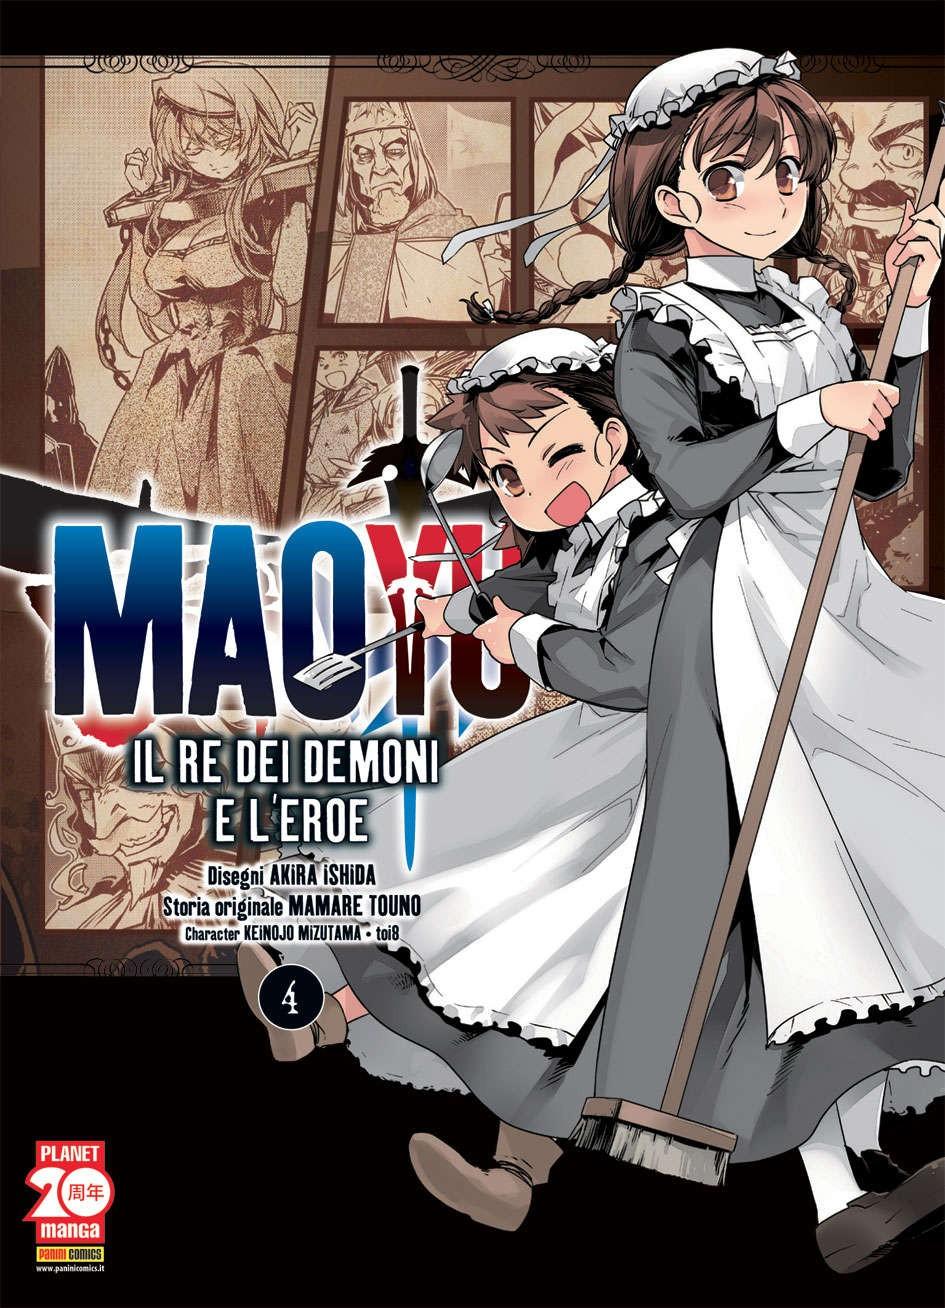 Maoyu (M18) - N° 4 - Il Re Dei Demoni E L'Eroe - Manga Icon Planet Manga